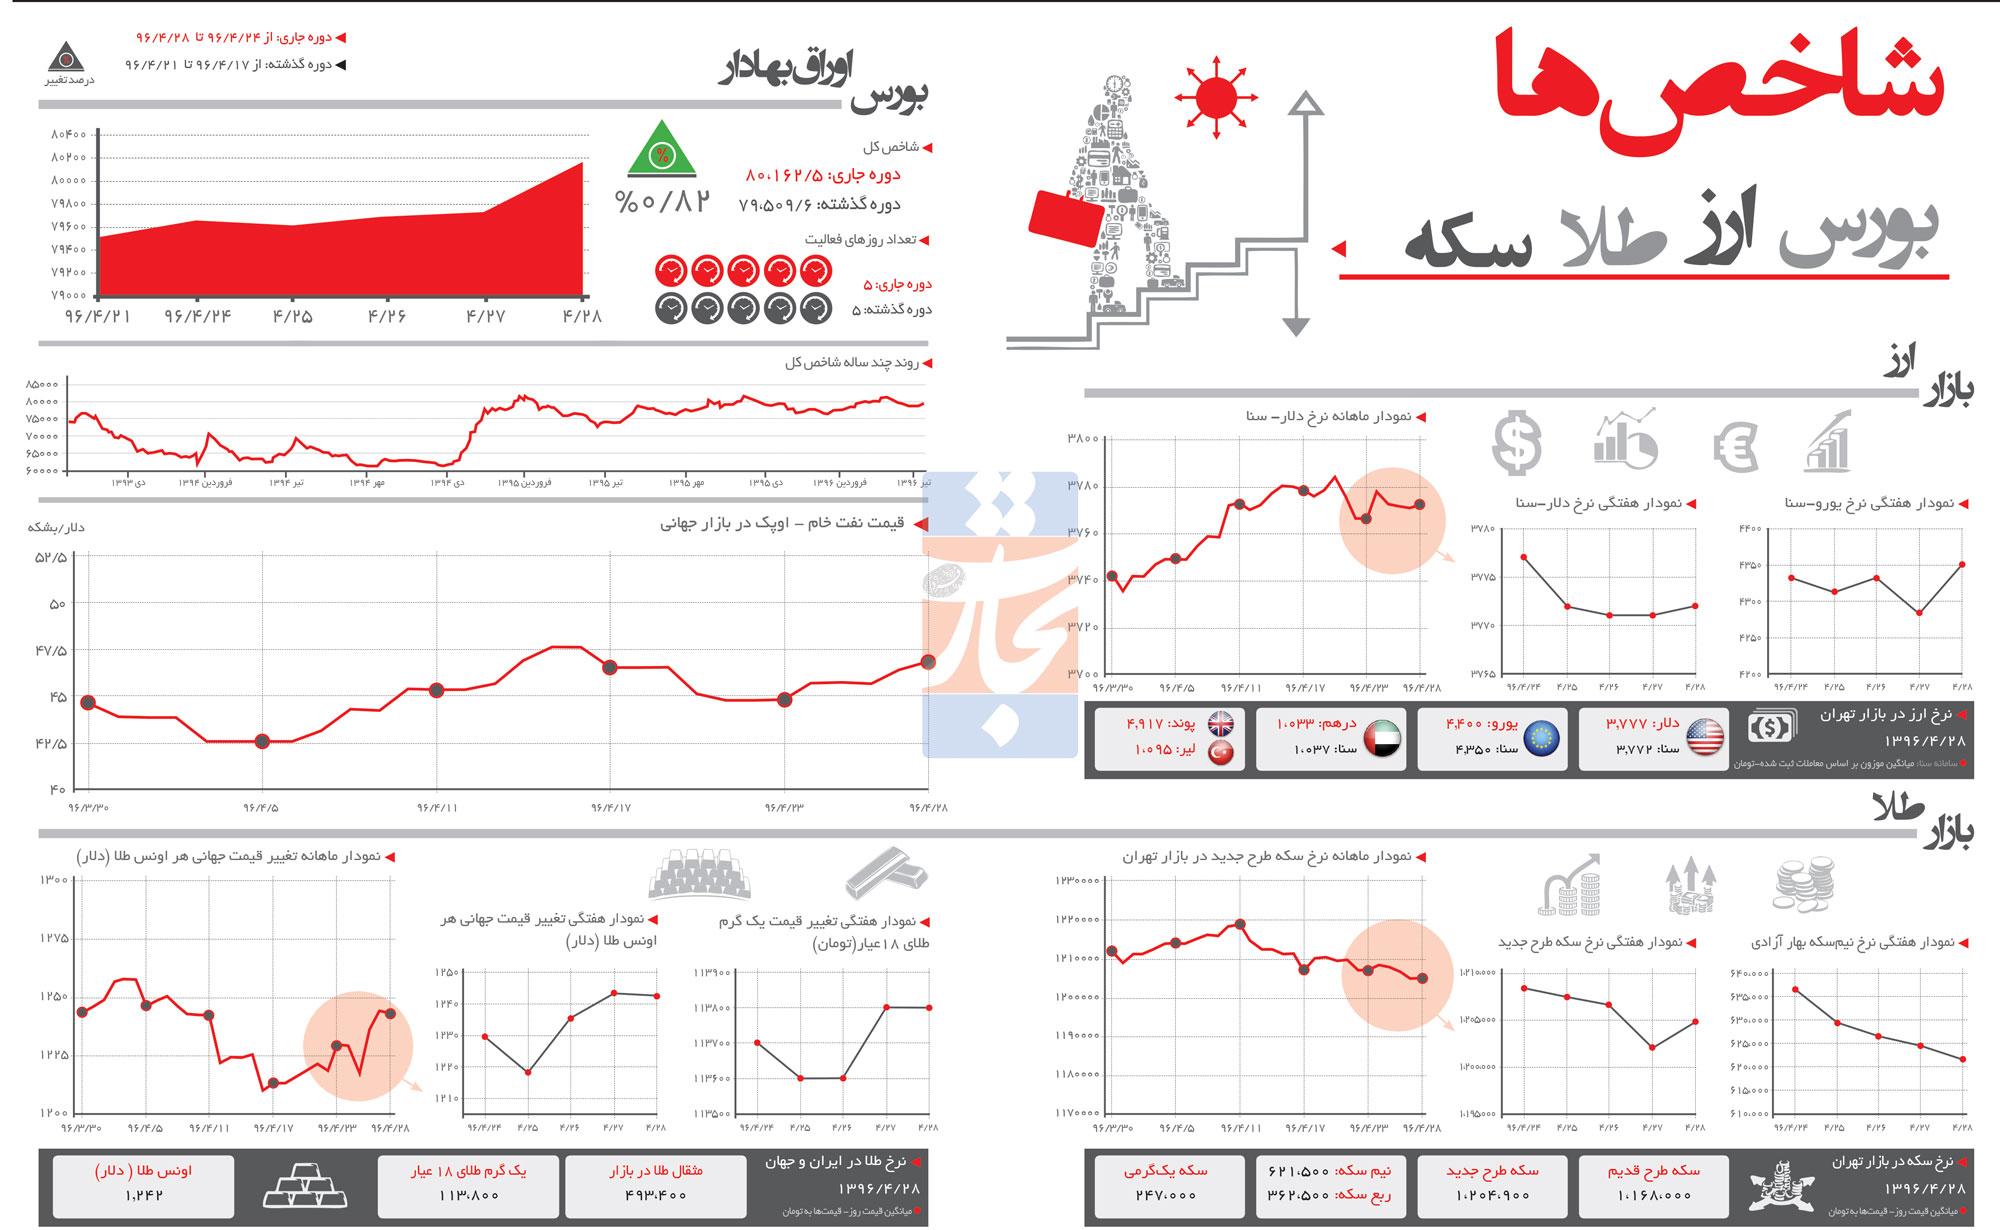 تجارت فردا- اینفوگرافیک - شاخصهای اقتصادی هفته